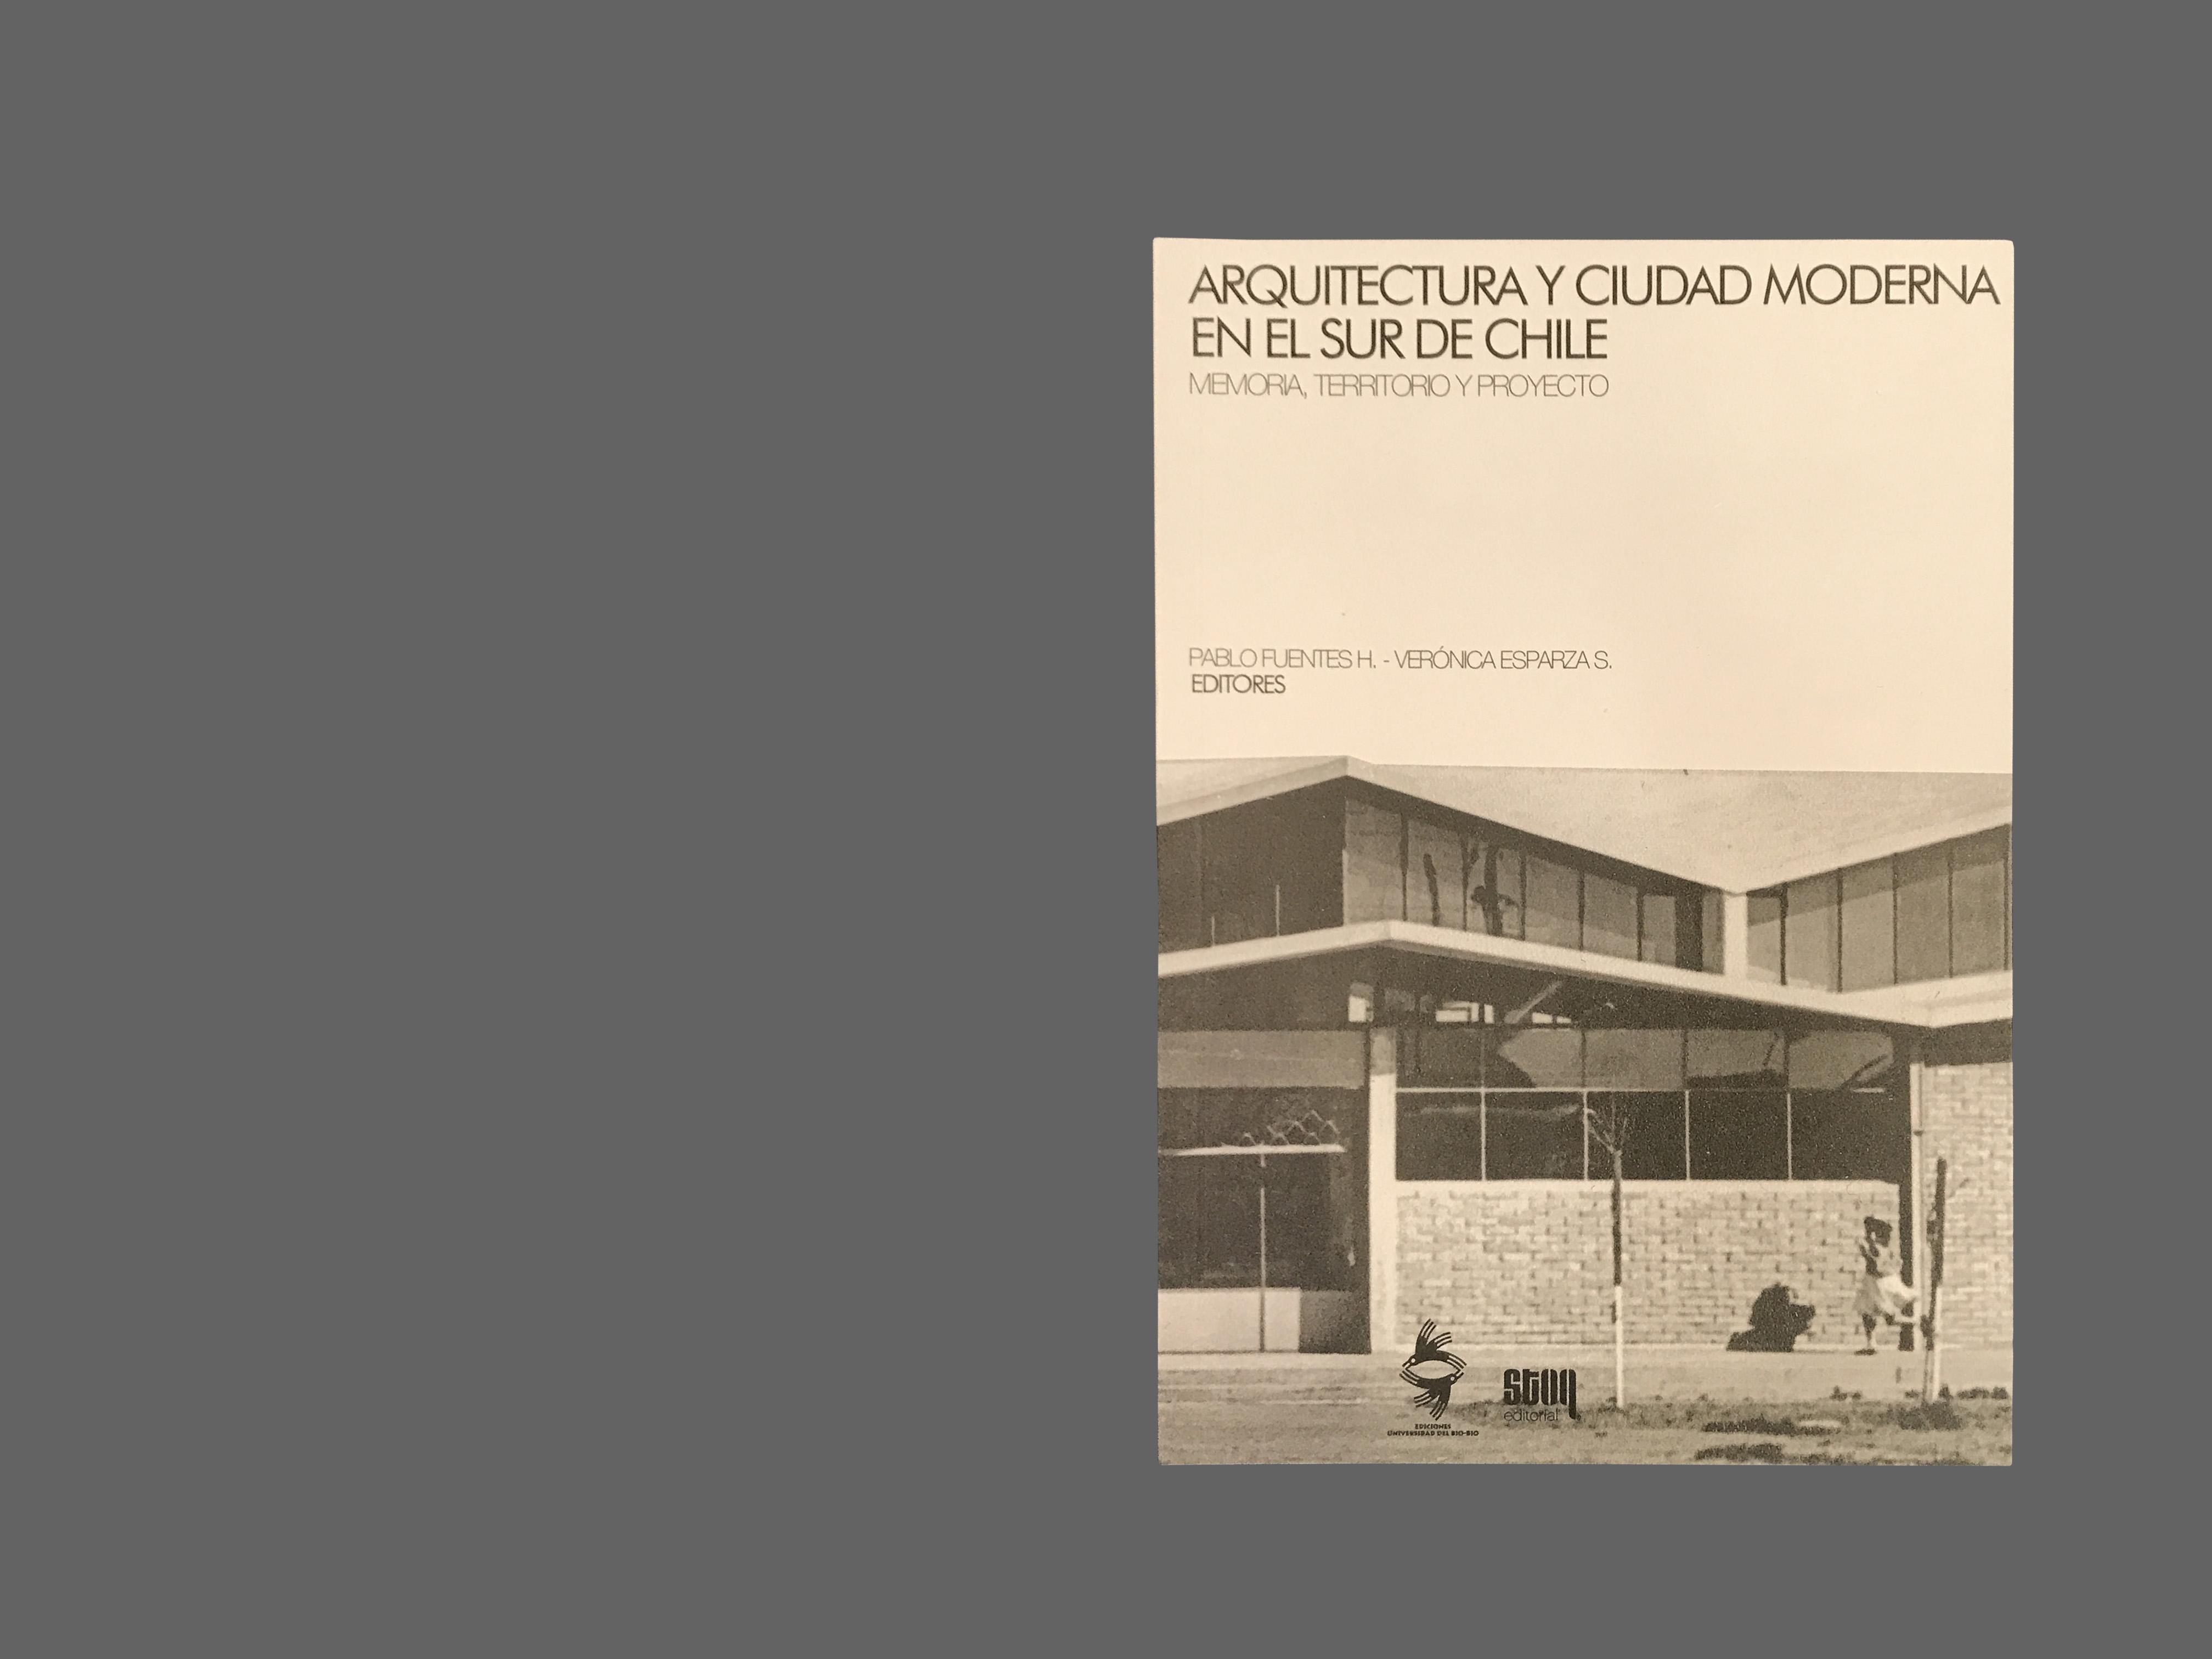 Ciudad-Moderna-en-el-Sur-de-Chile-01